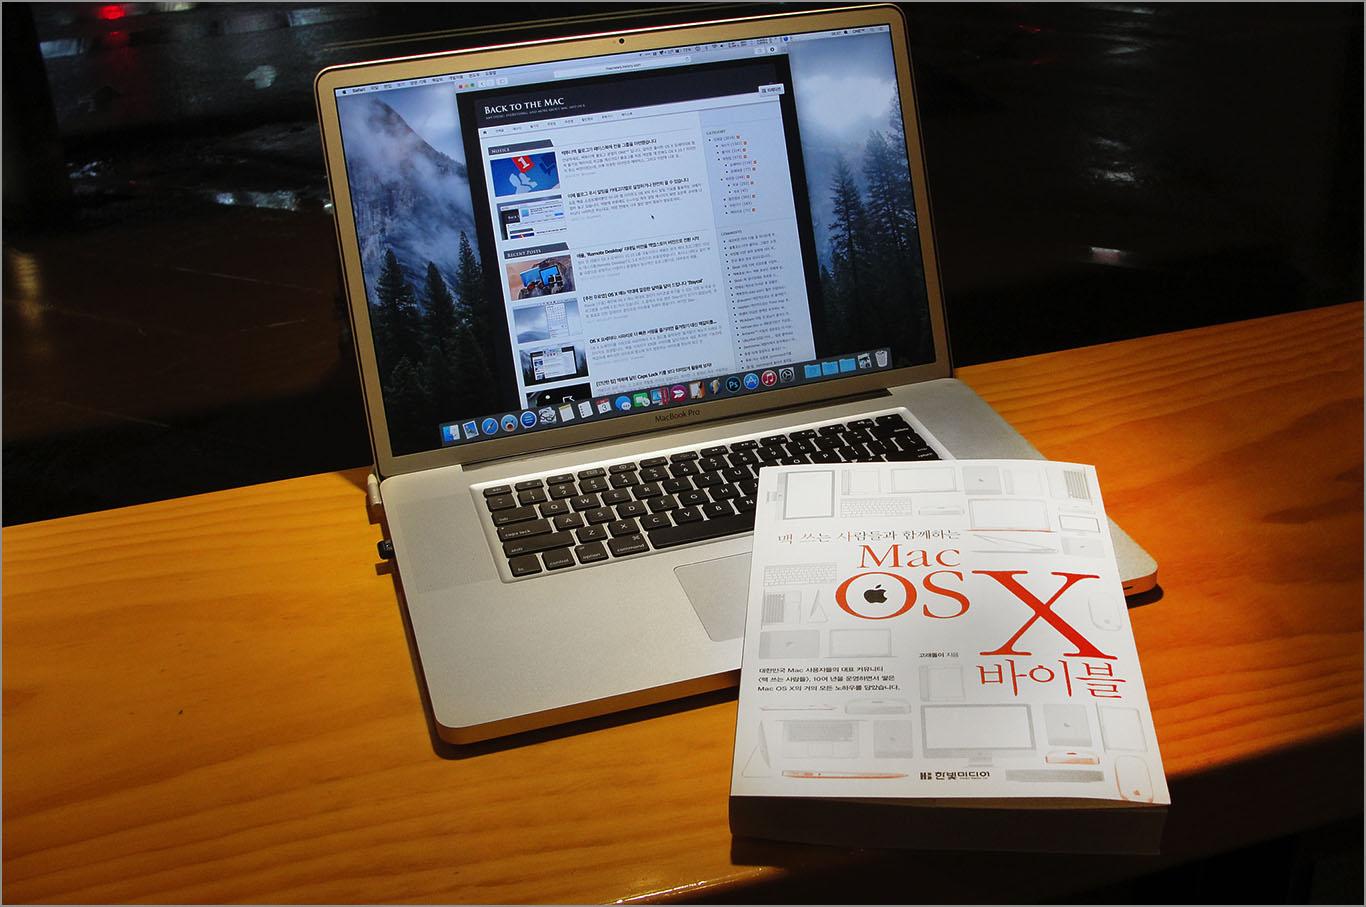 [서적] Mac OS X 바이블... 맥 프로부터 맥북까지 모든 Mac 사용자를 위한 활용 가이드 북